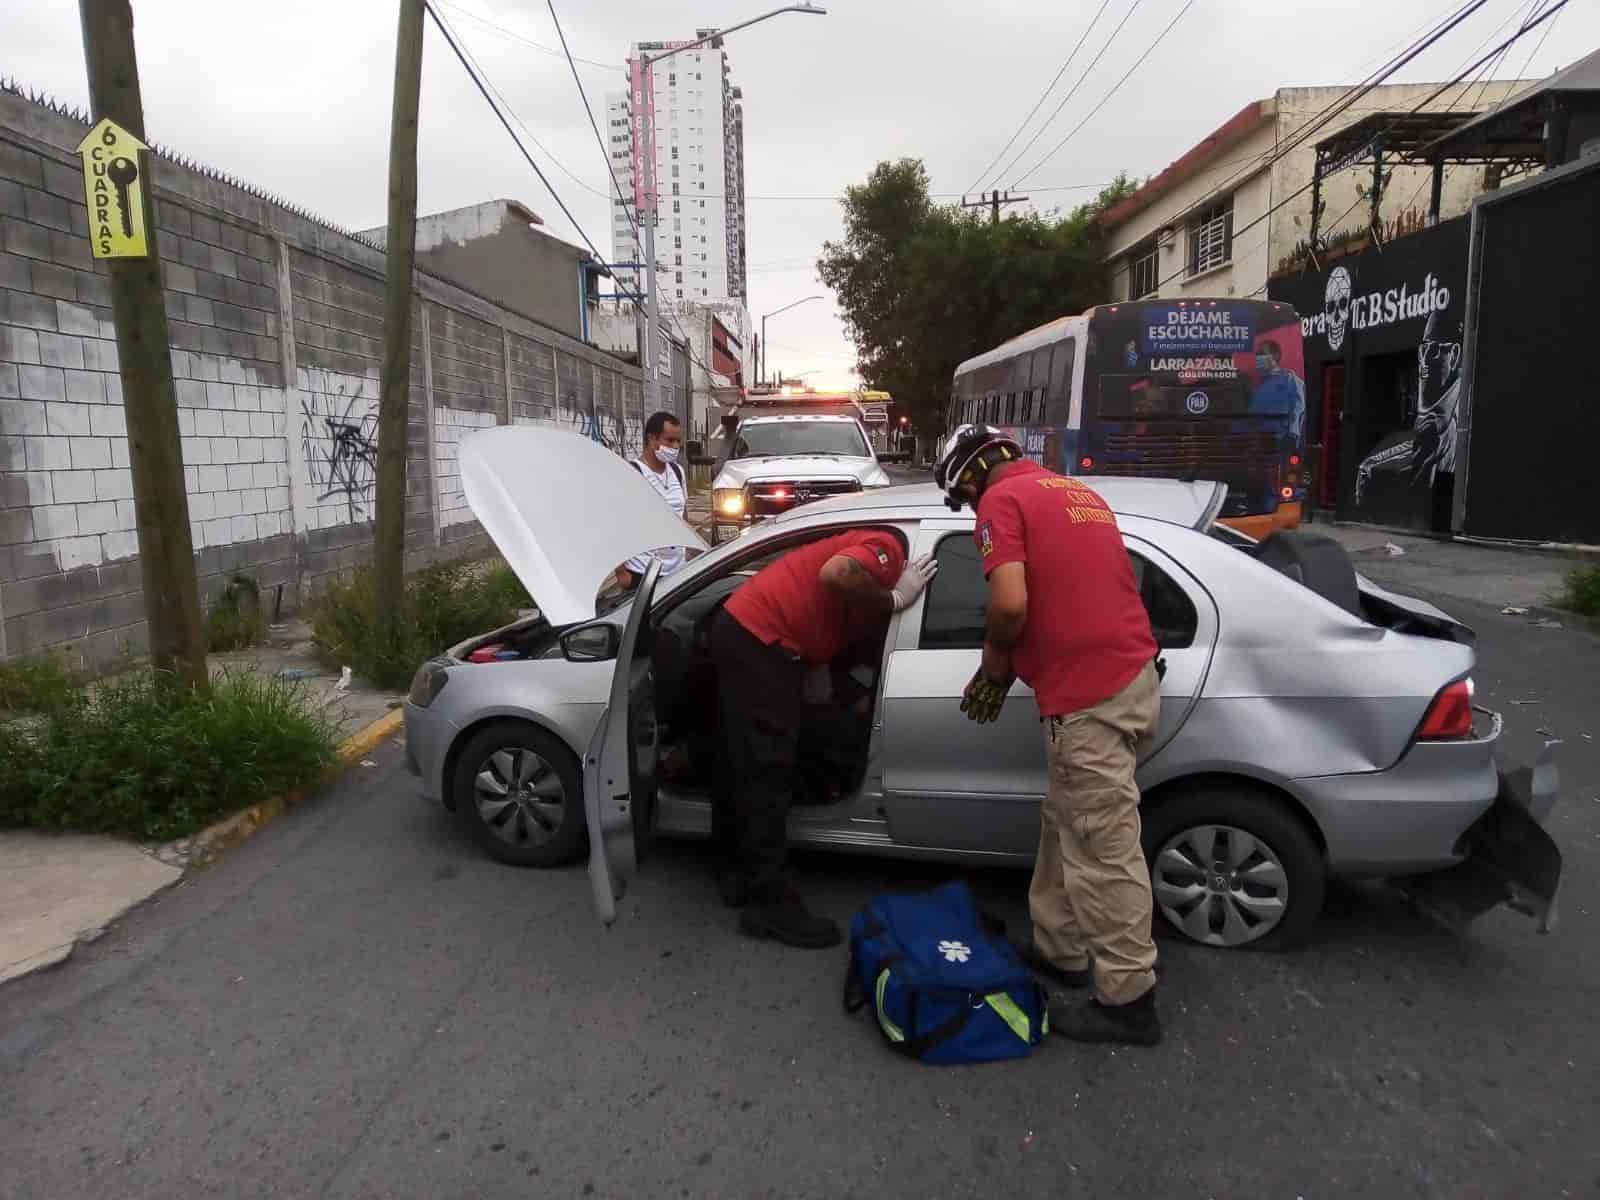 Resultó con diversas lesiones luego de ser chocado por un transporte urbano